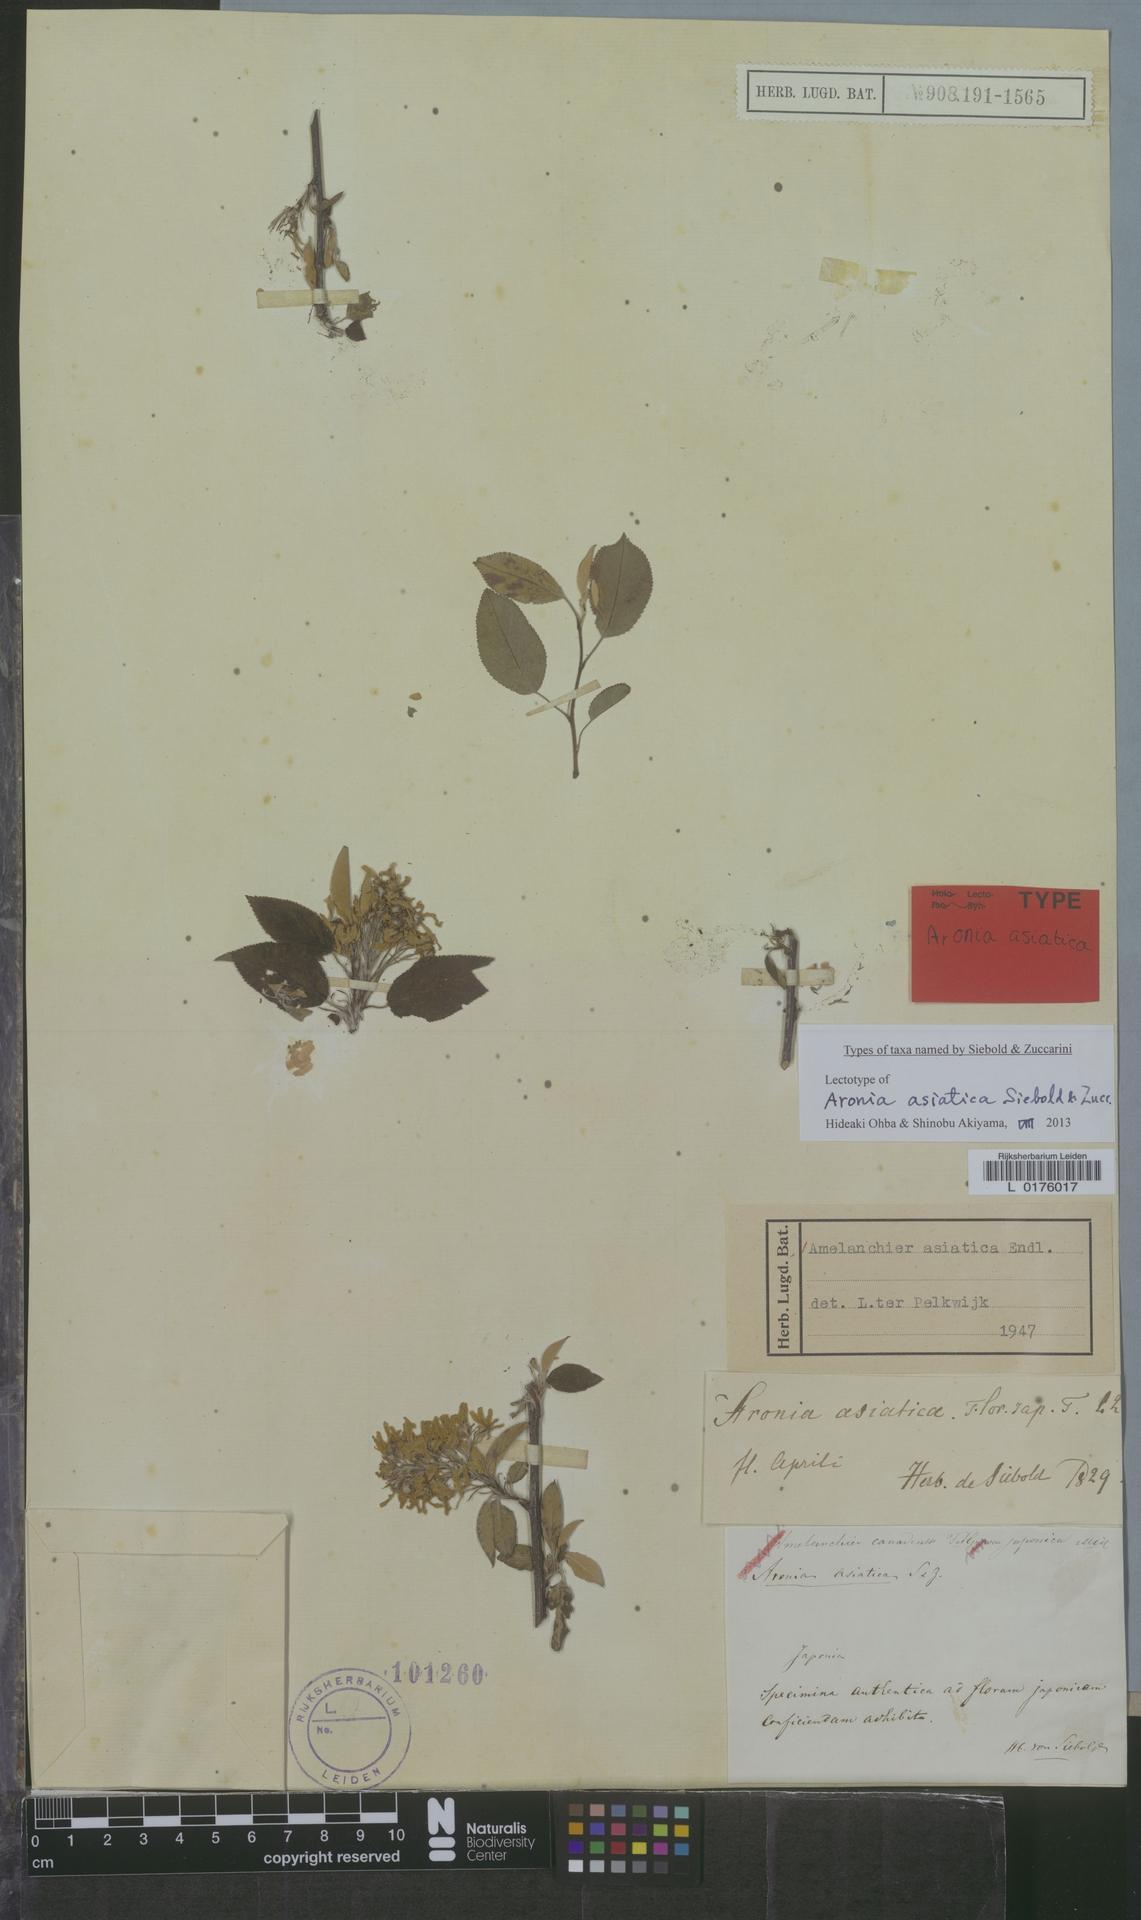 L  0176017 | Amelanchier asiatica (Siebold & Zucc.) Endl. ex Walp.